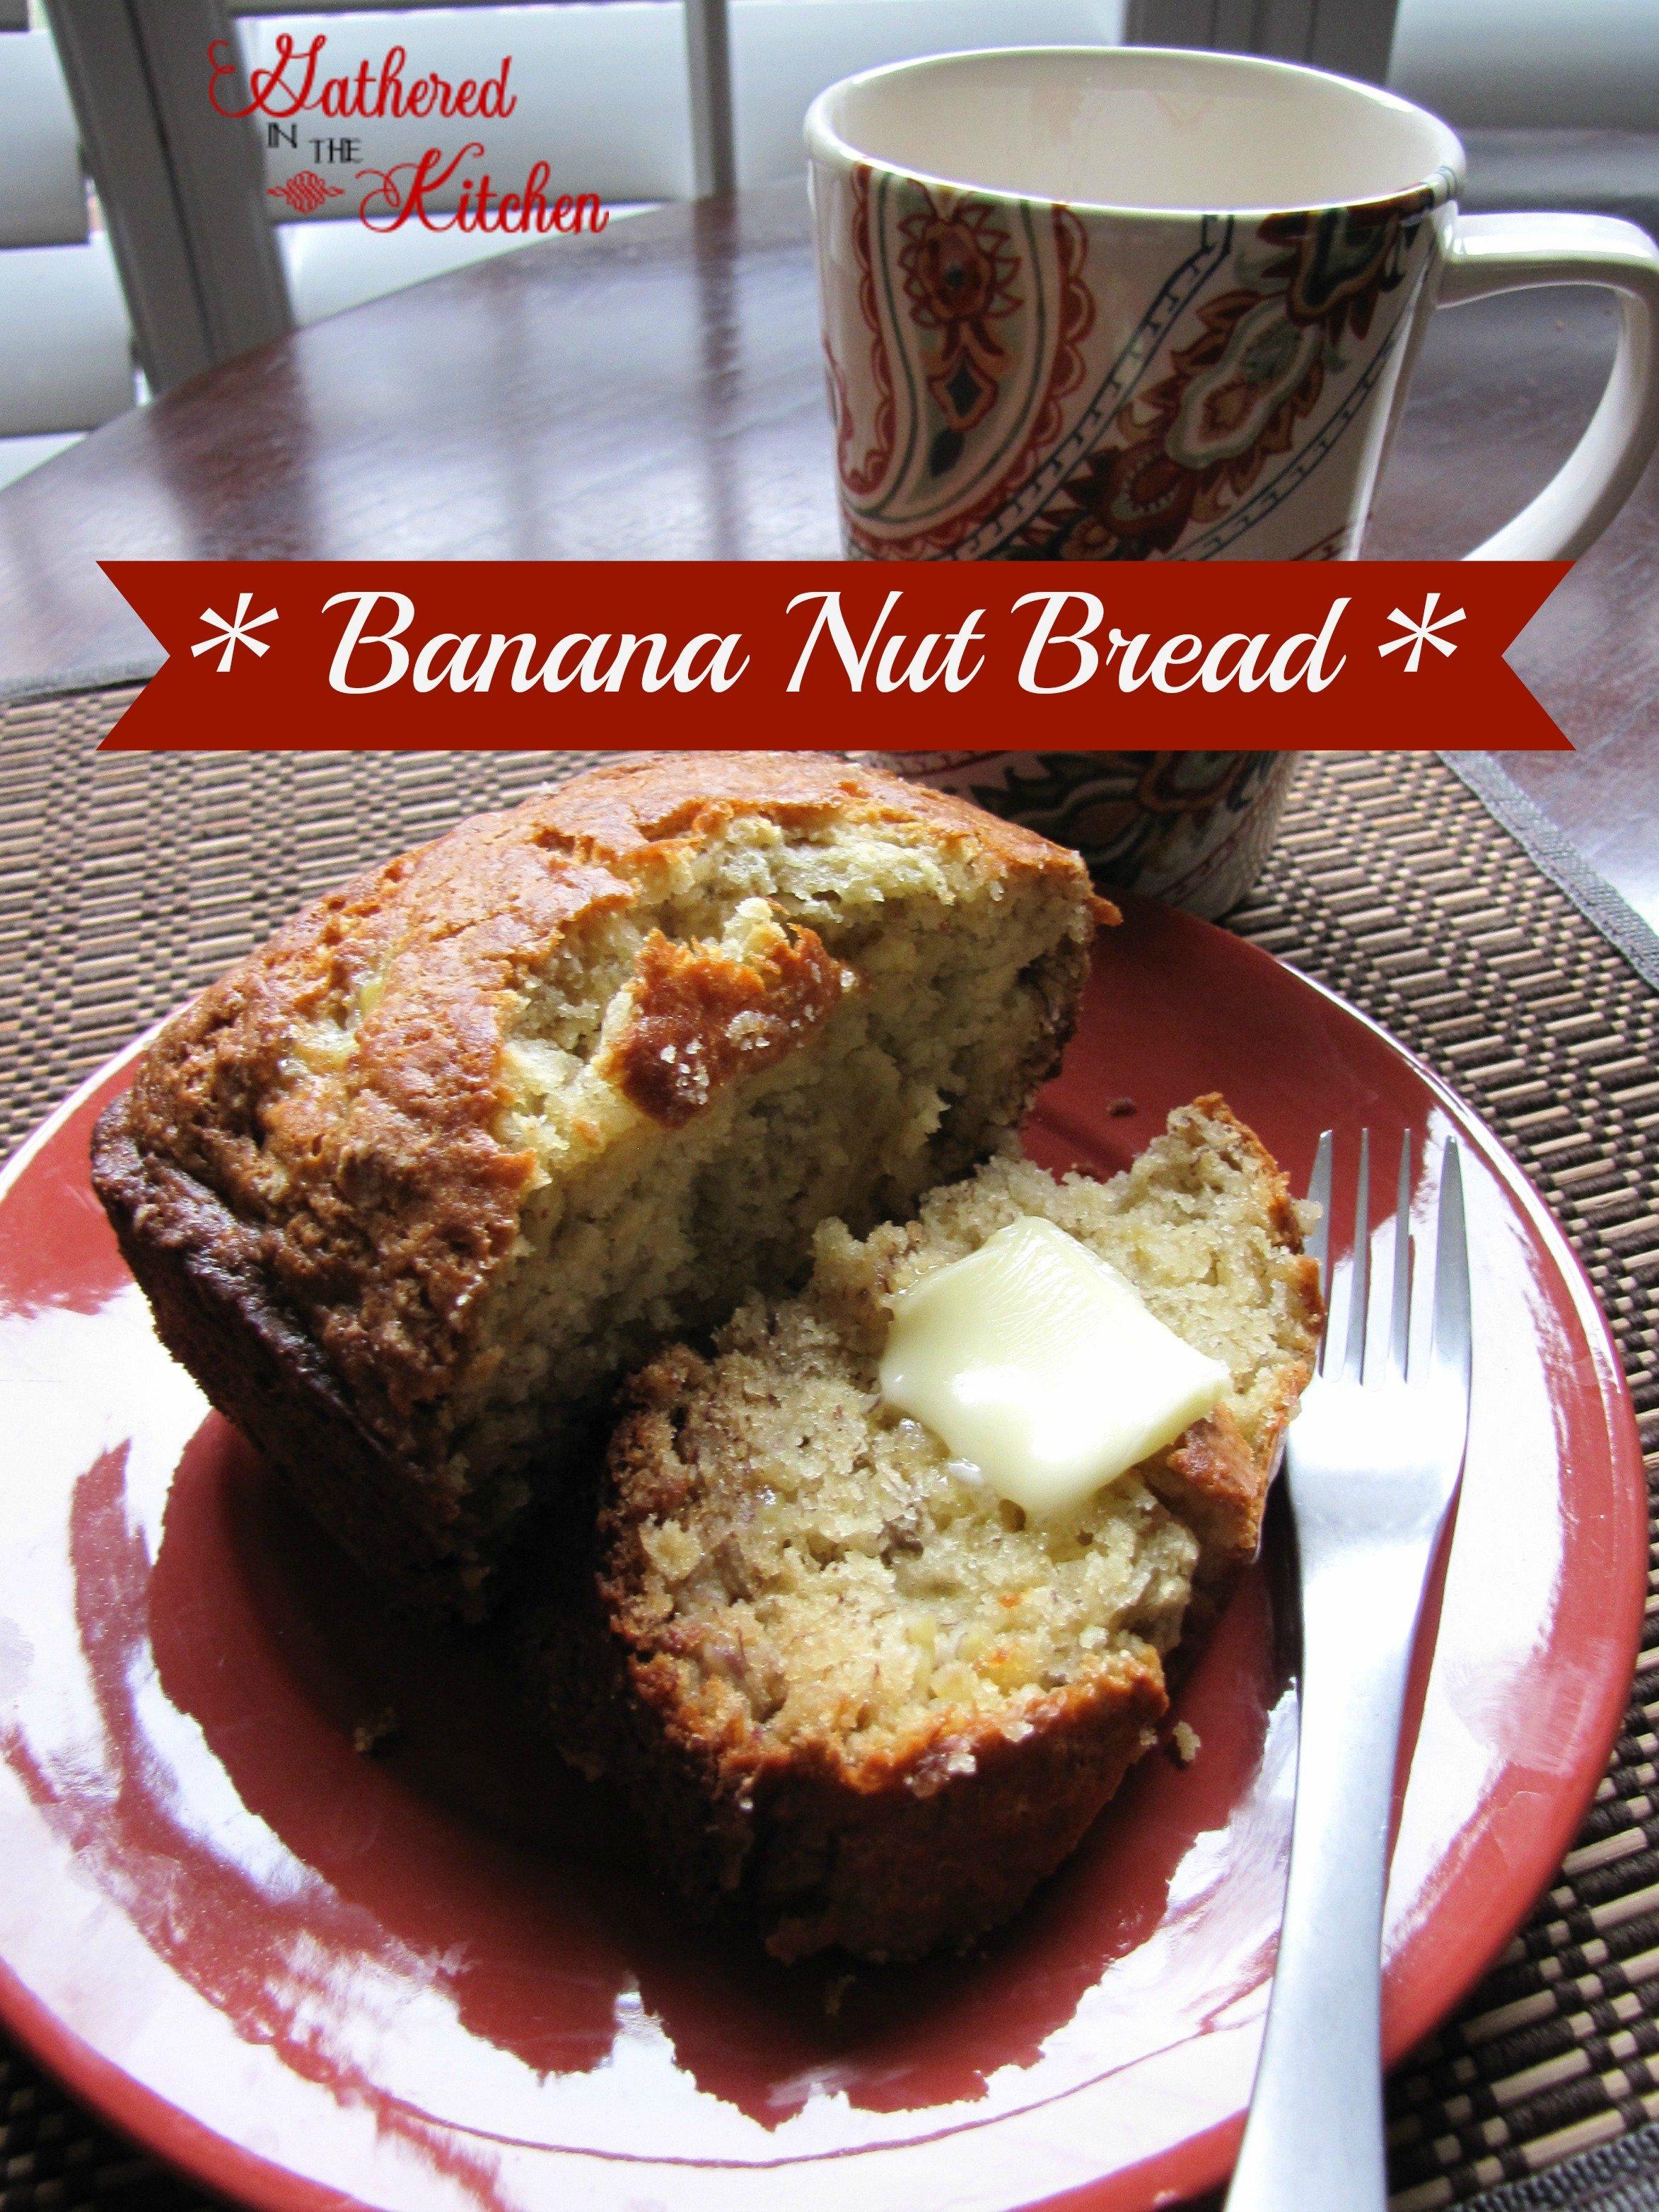 Banana Nut Bread